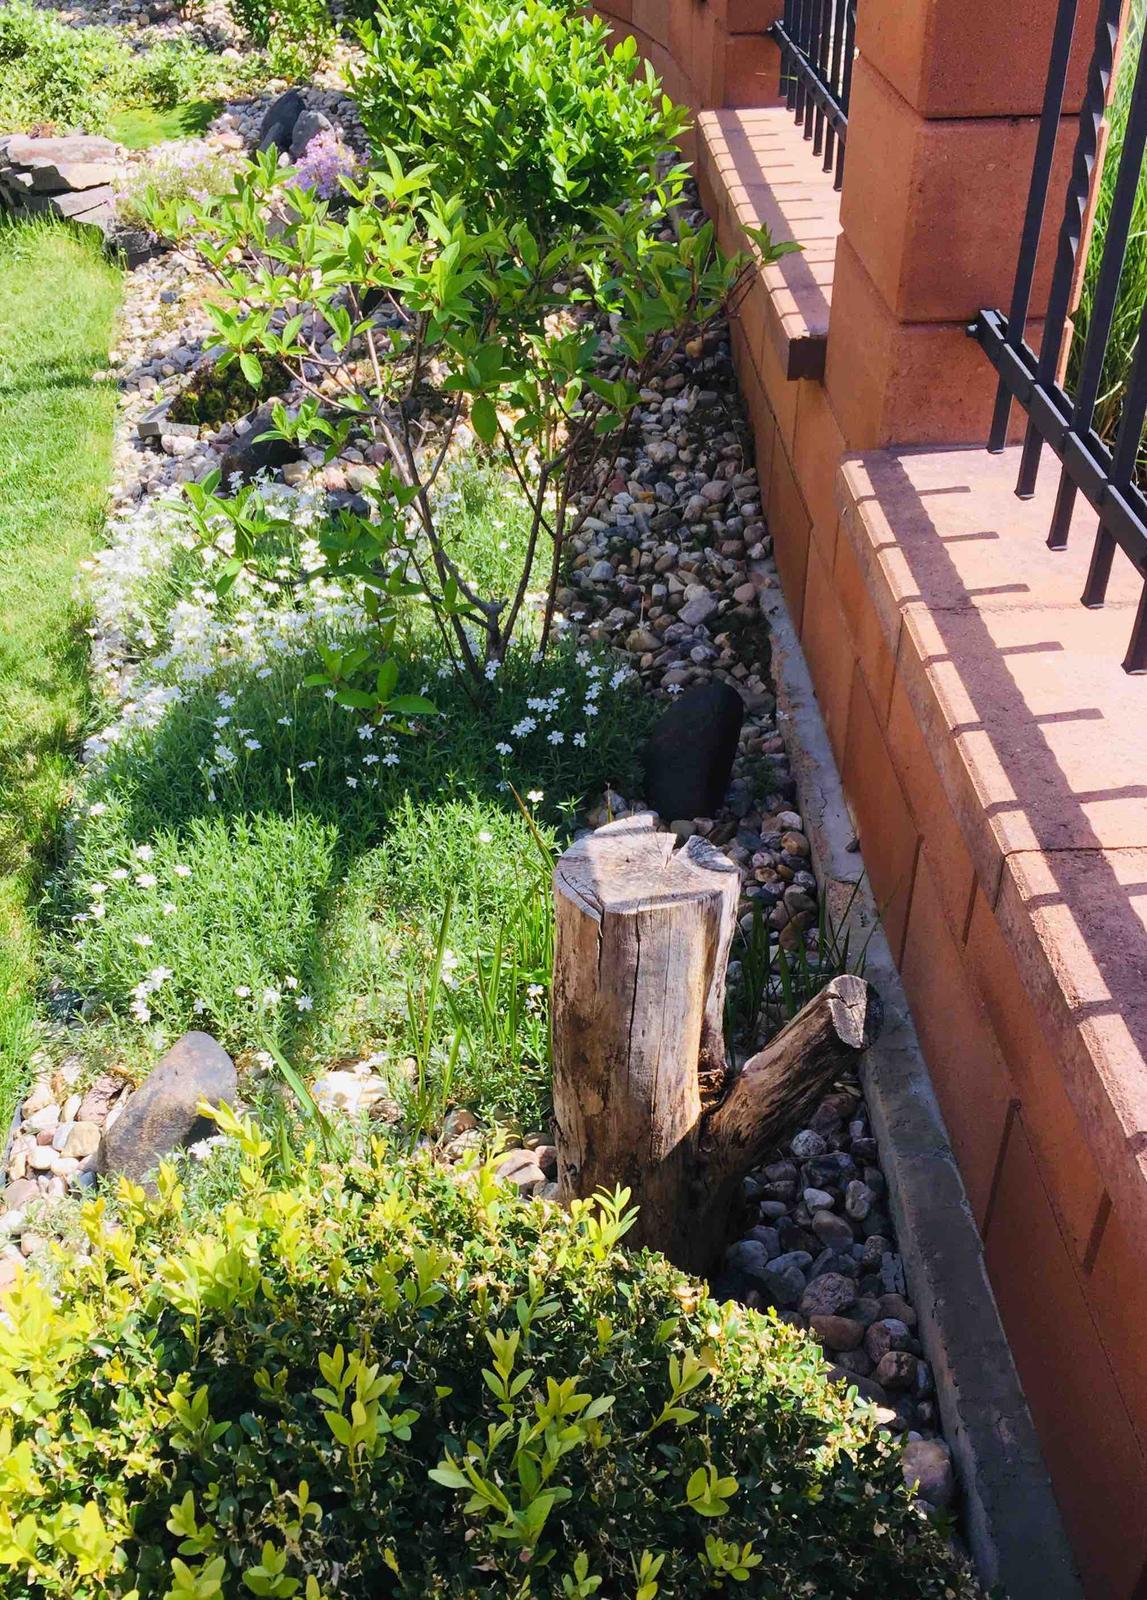 Naše barevná zahrada 🌸 - Po letech se to krásně rozrůstá 🤗